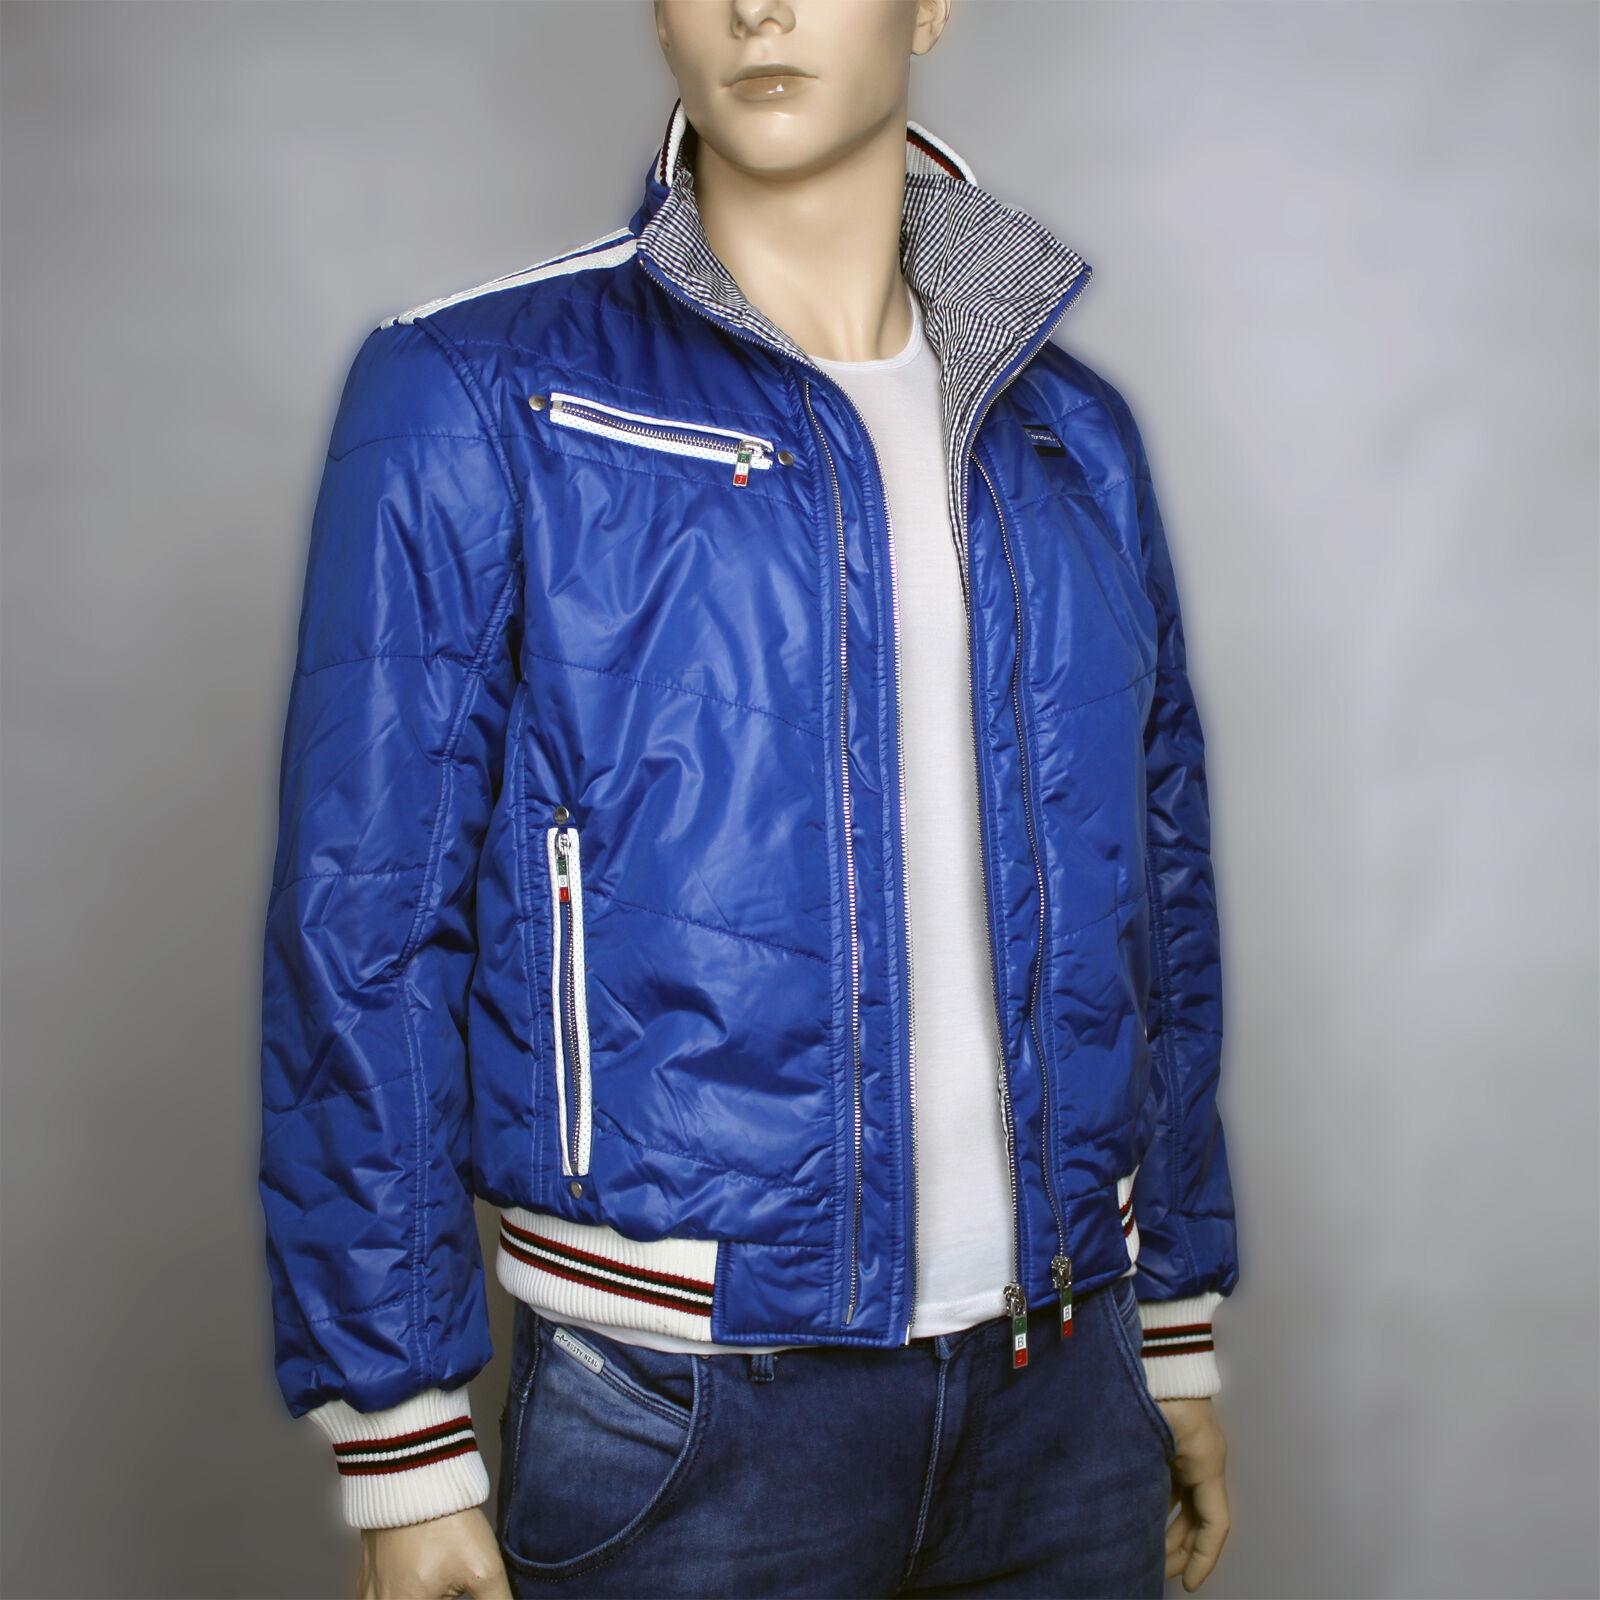 rotBRIDGE Jacke blau Blouson  Reißverschluß Leicht Gefüttert Taschen R31470